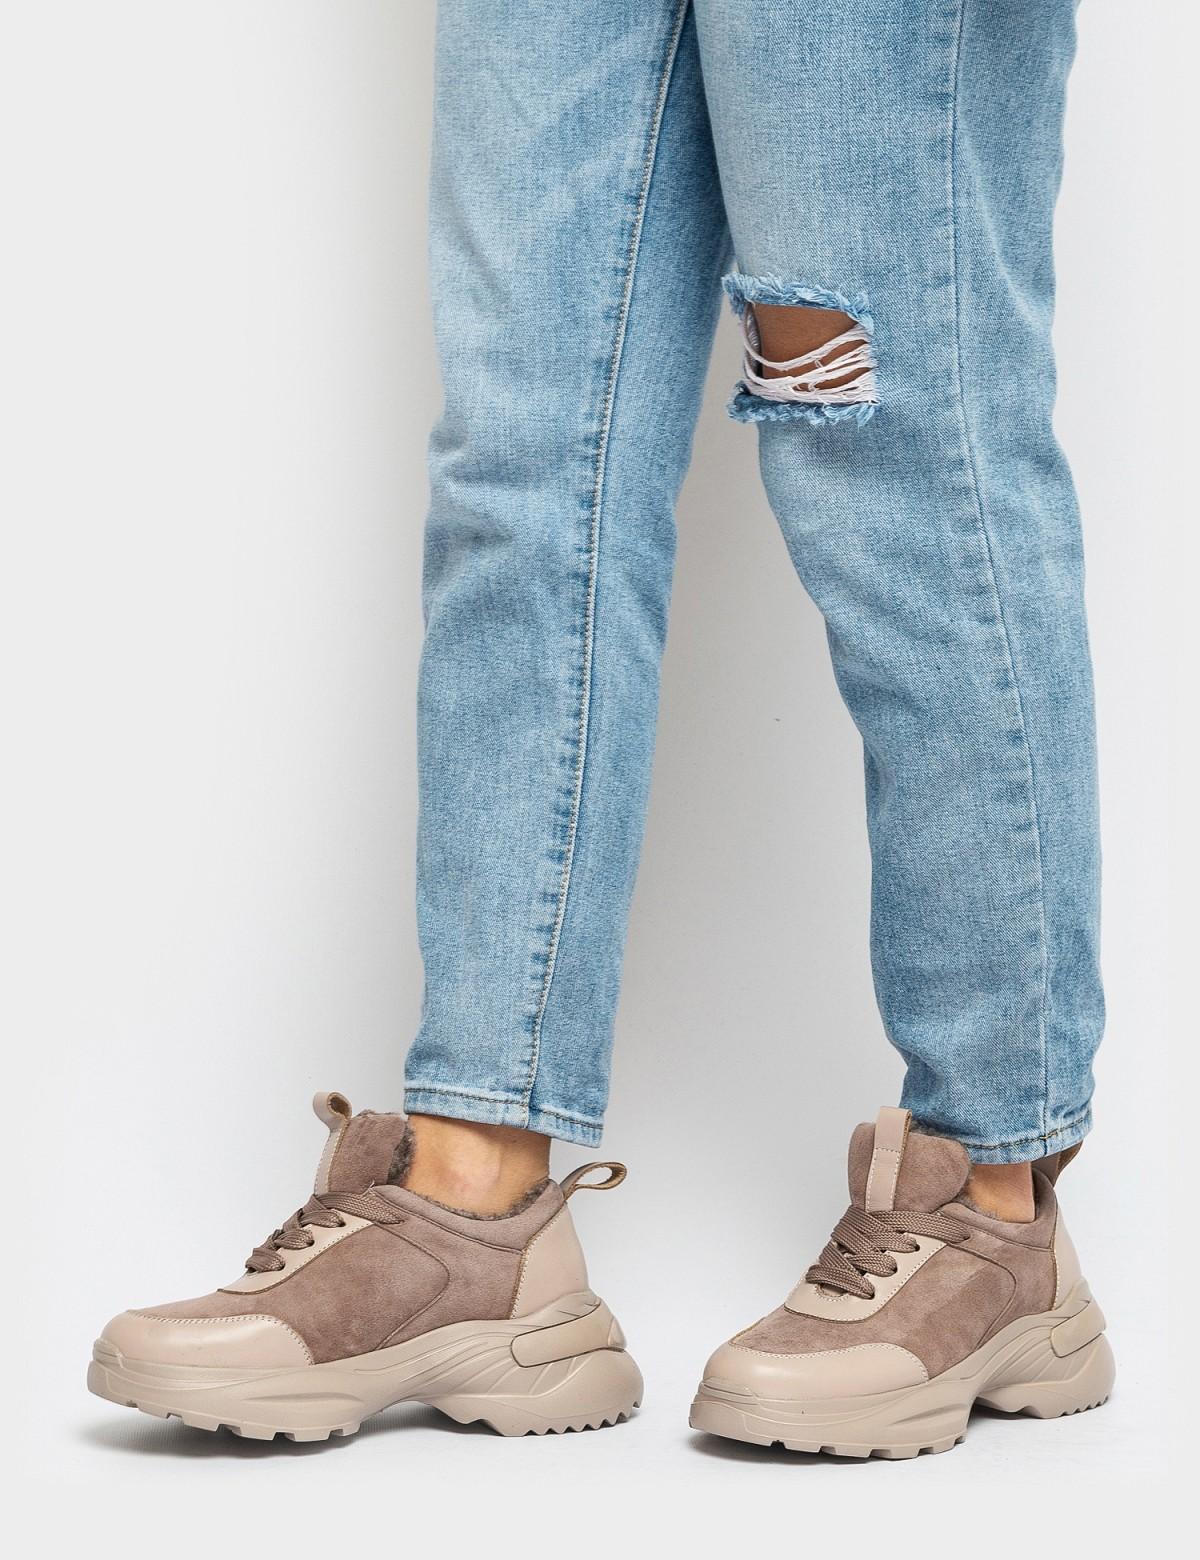 Кросівки бежеві. Натуральна замша/шкіра. Вовна4